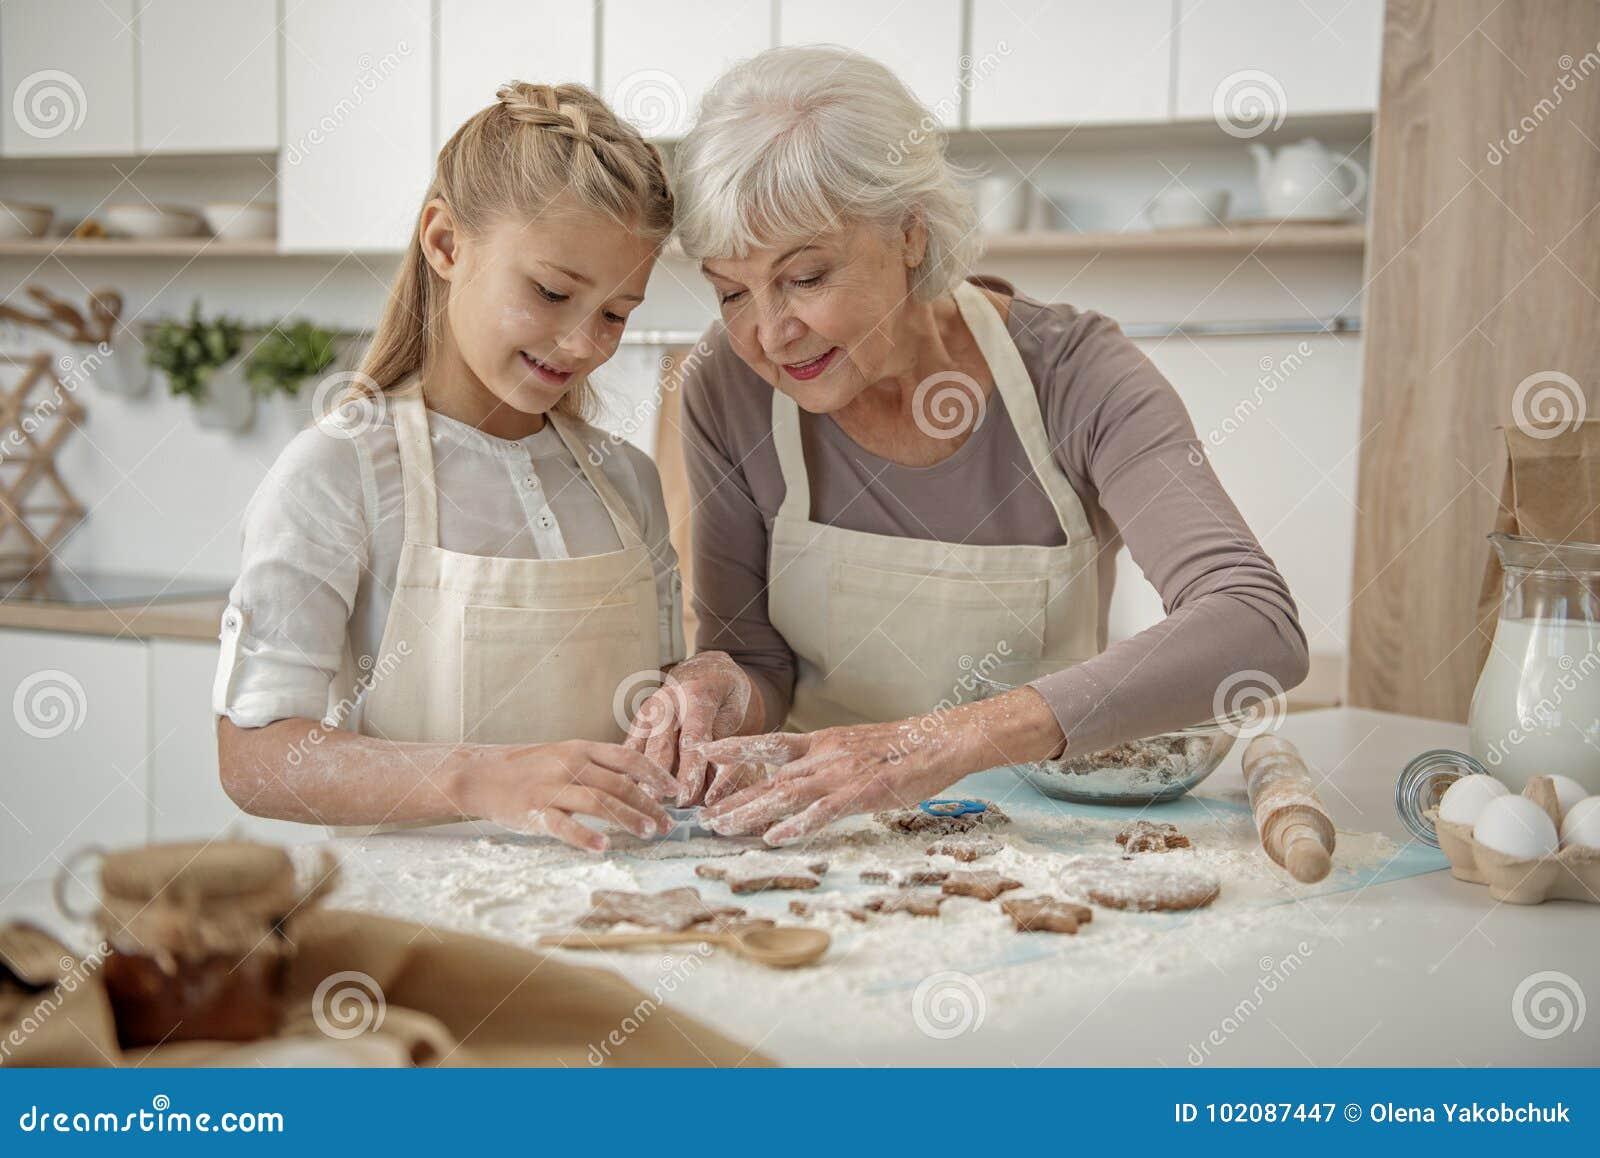 学会快乐的孙做酥皮点心在厨房里